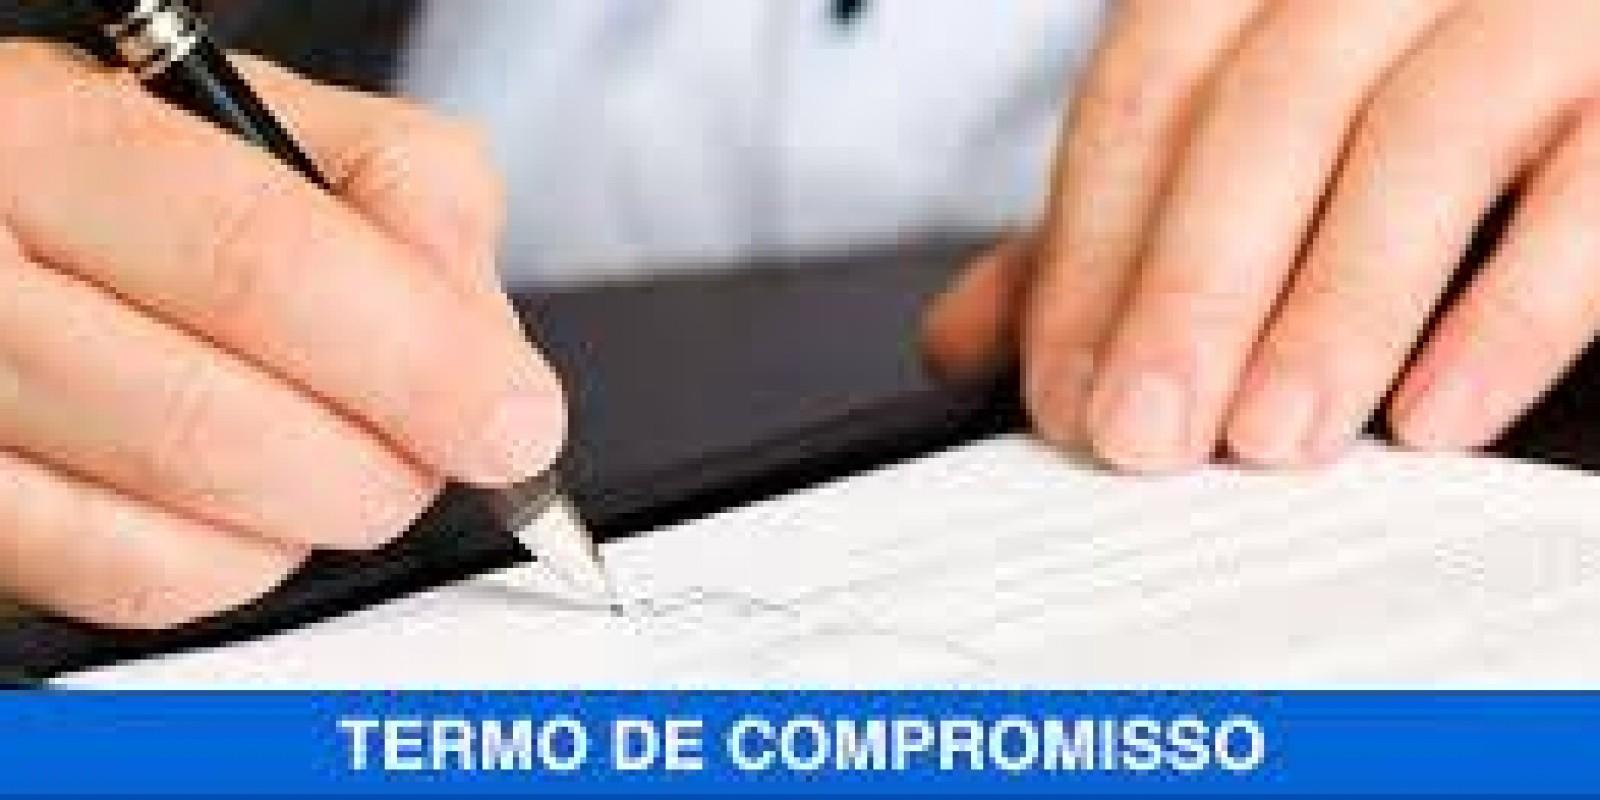 Termo de Compromisso: 21 pontos que delimitam atos que possam prejudicar trabalhador